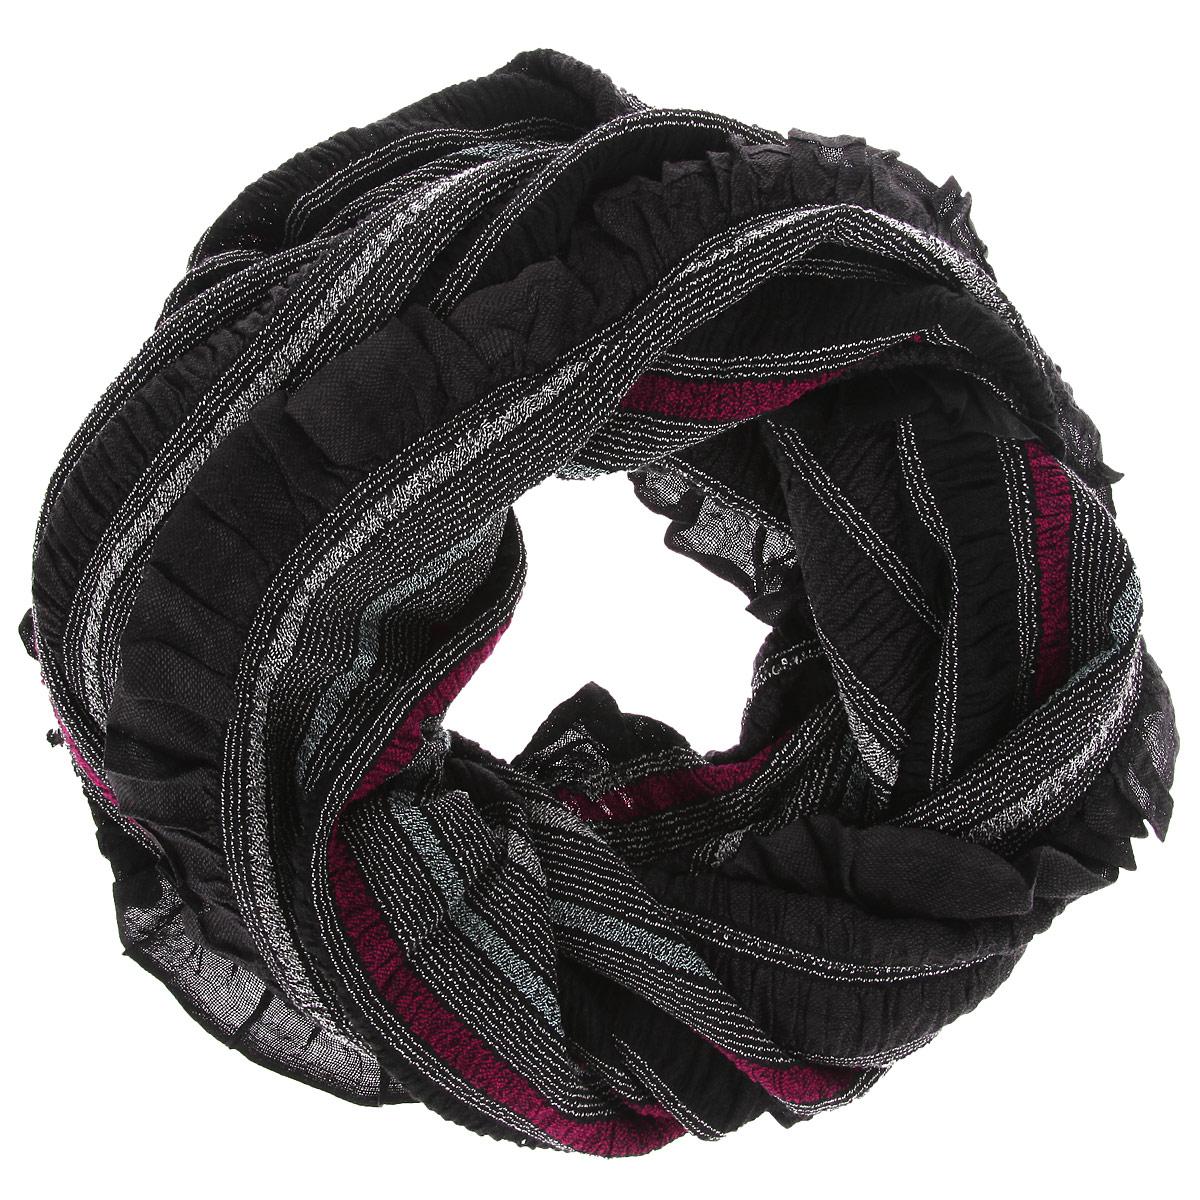 Палантин Ethnica, цвет: черный, серый, бордовый. 483200н. Размер 70 см х 180 см